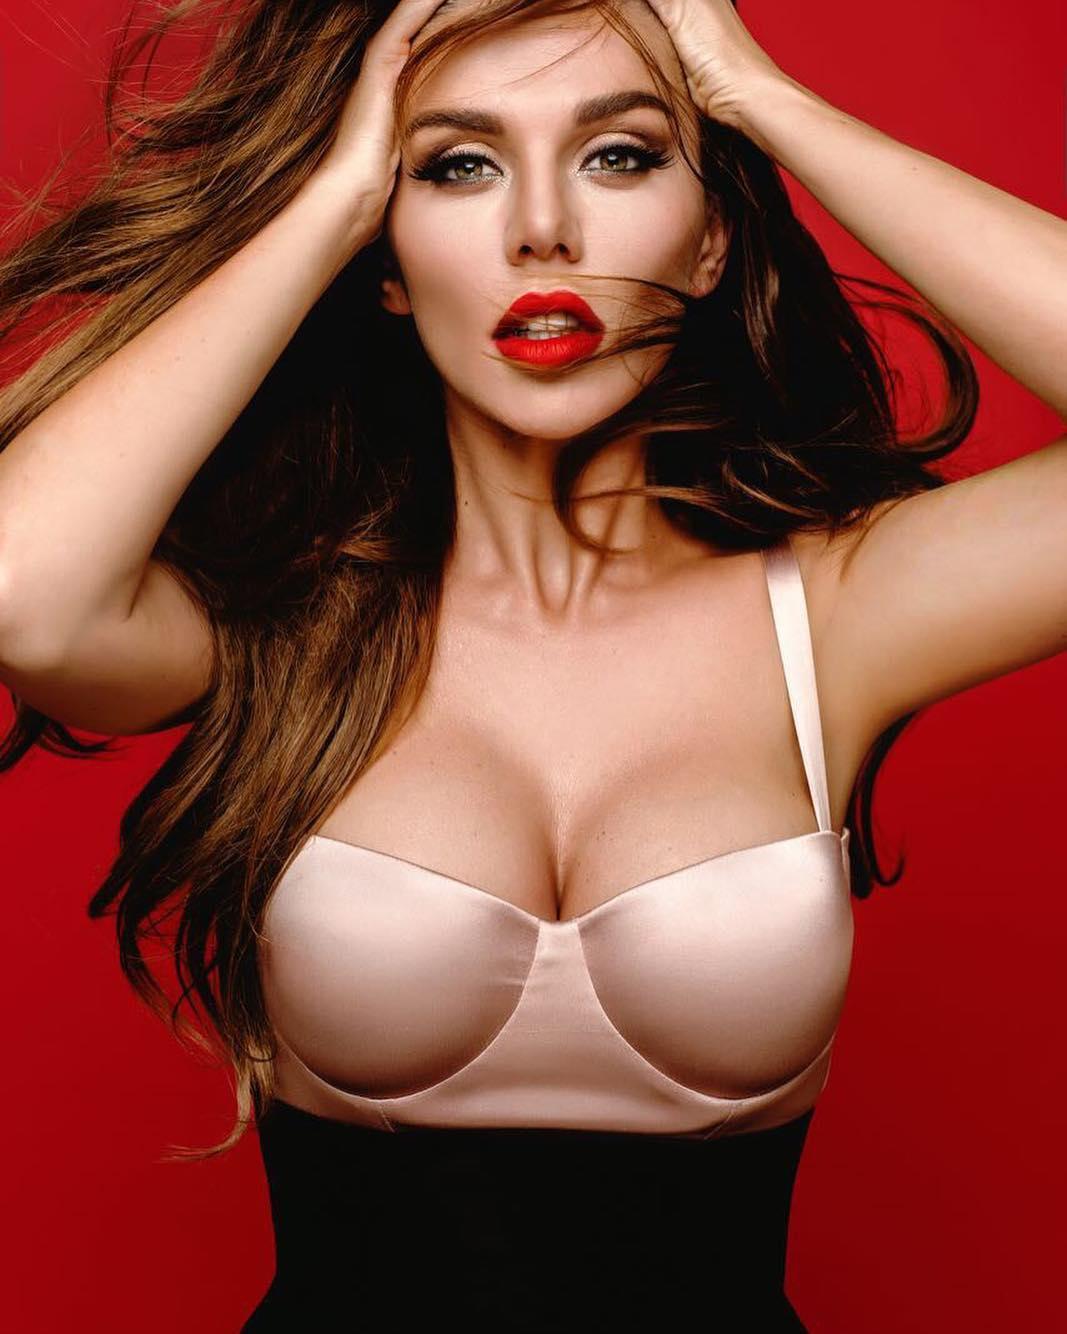 Подборка девушек с шикарной грудью 55 фото